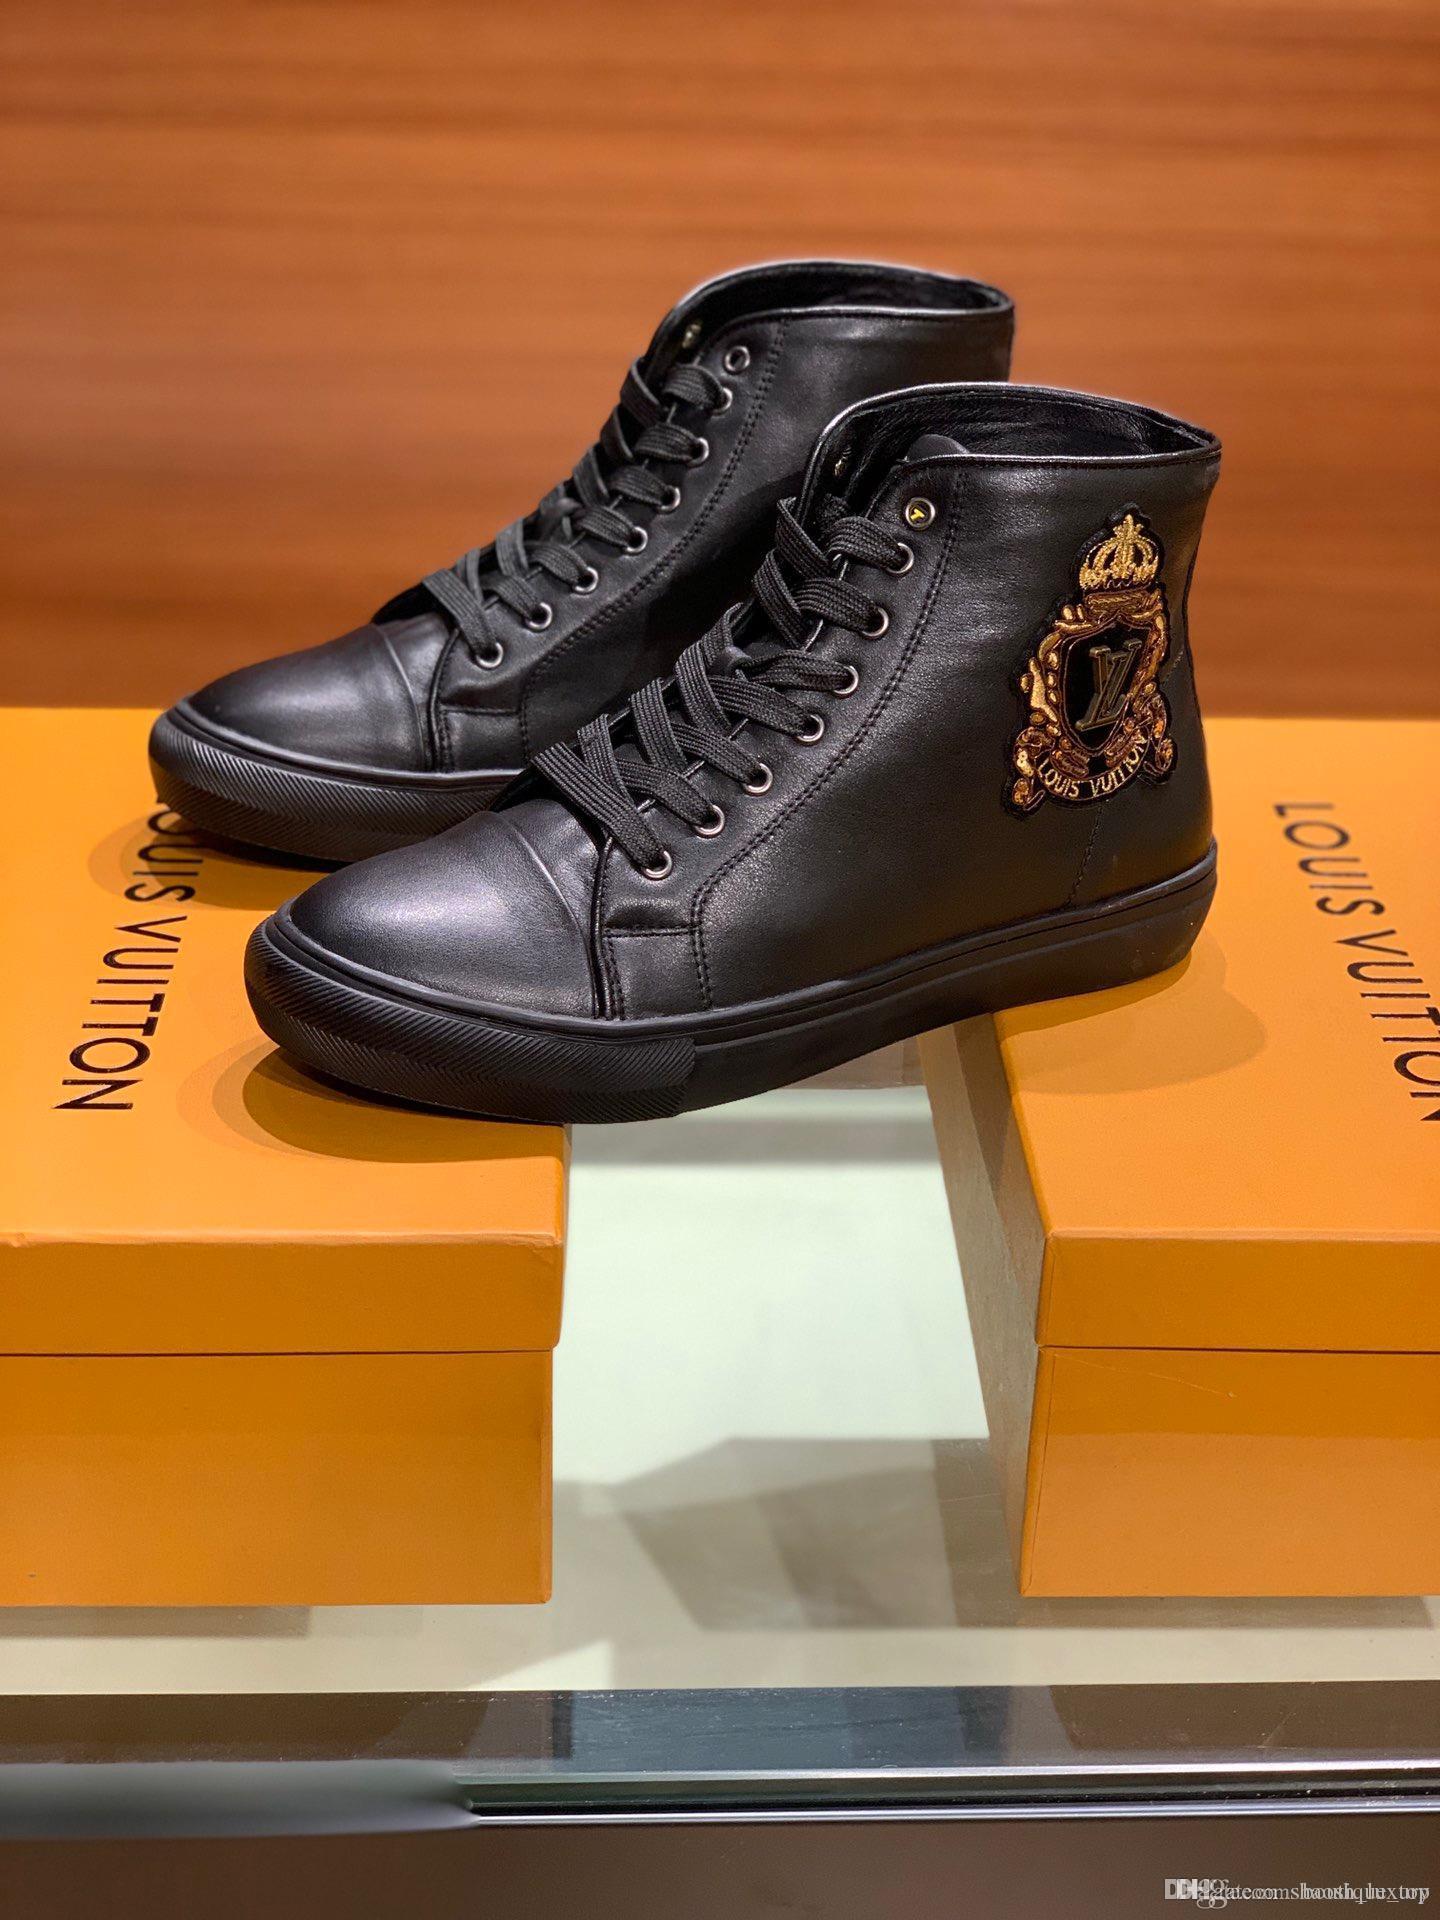 2020ss Личность моды известных дизайнеров Luxury кроссовки высокие верхние ботинки с высоким качеством натуральная кожа досуг дизайнеров обуви